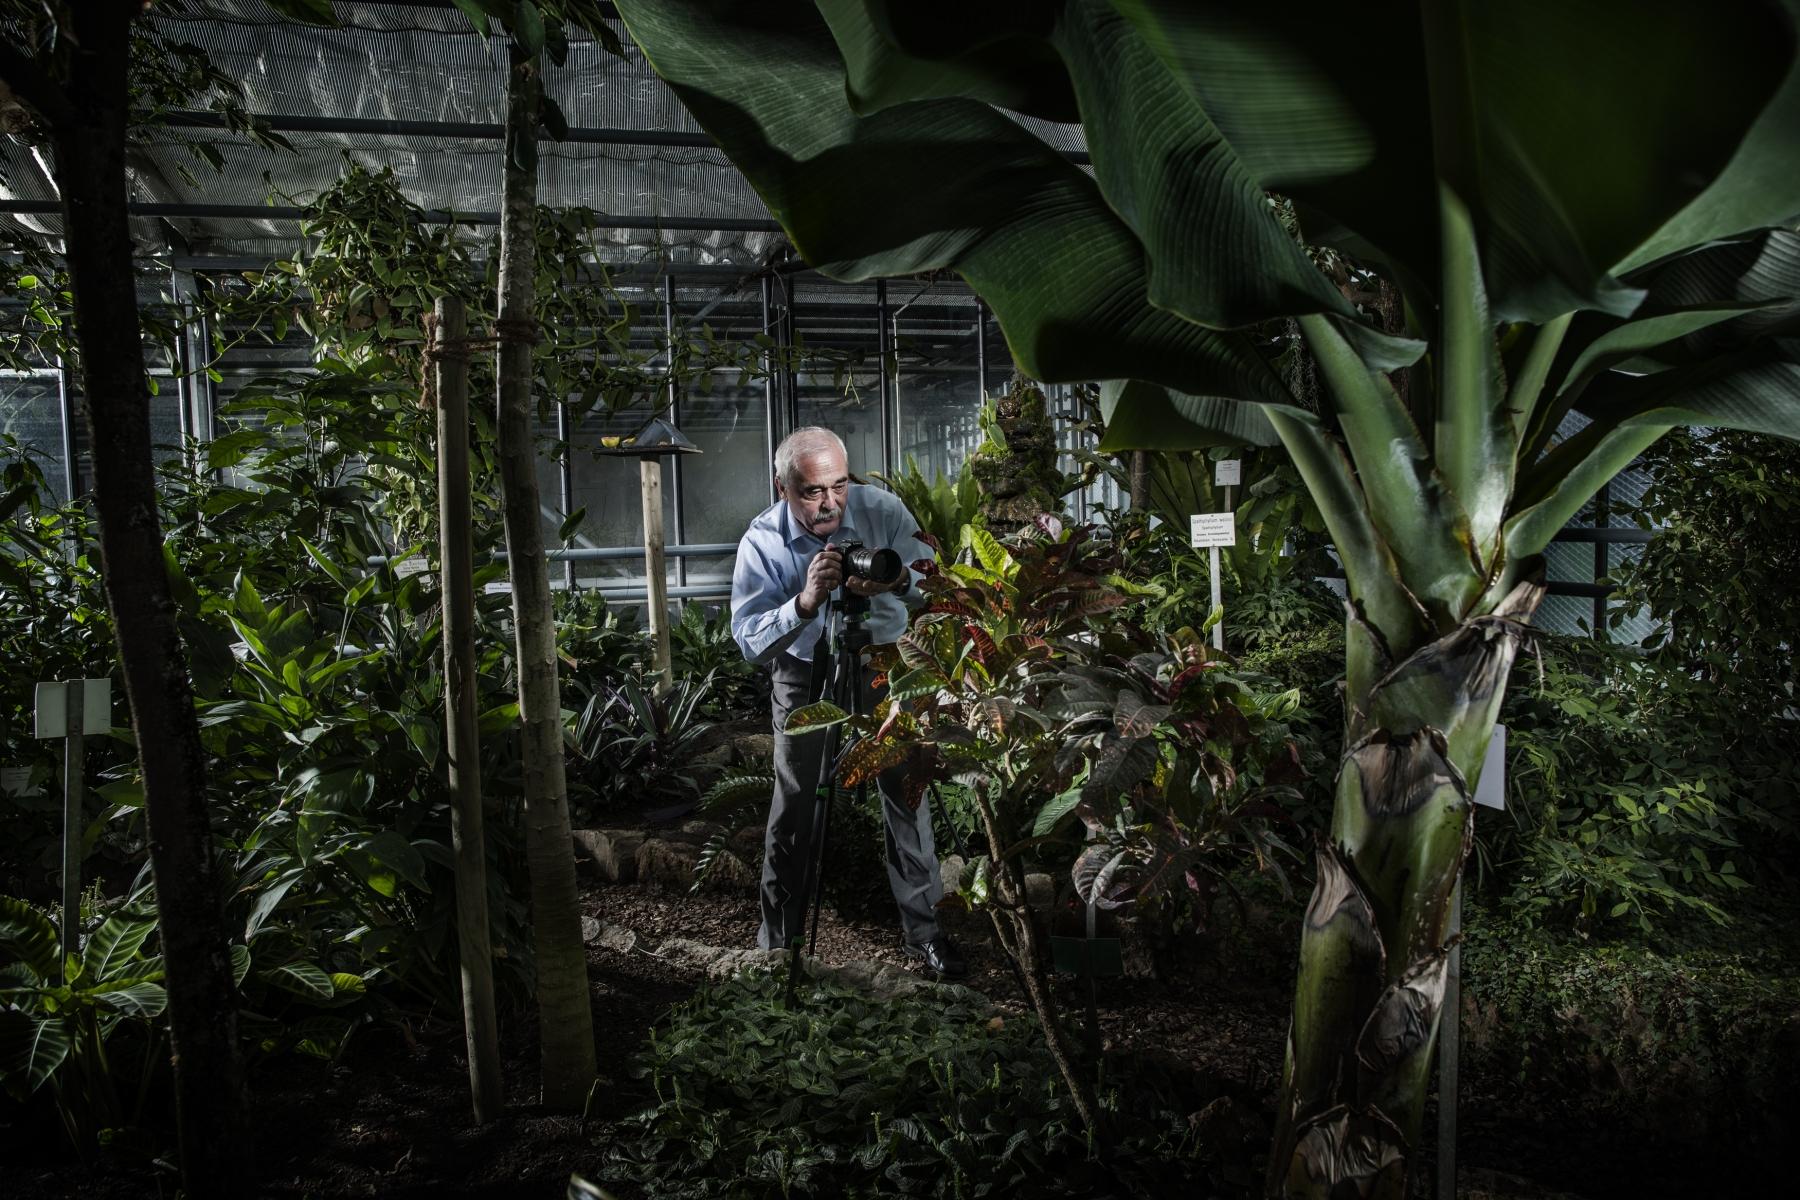 Franz Stempfle - Geschäftsführer der DHU - Deutsche Homöopathie-Union in einem seiner Gewächshäuser - Sein Hobby: Pflanzenfotografie